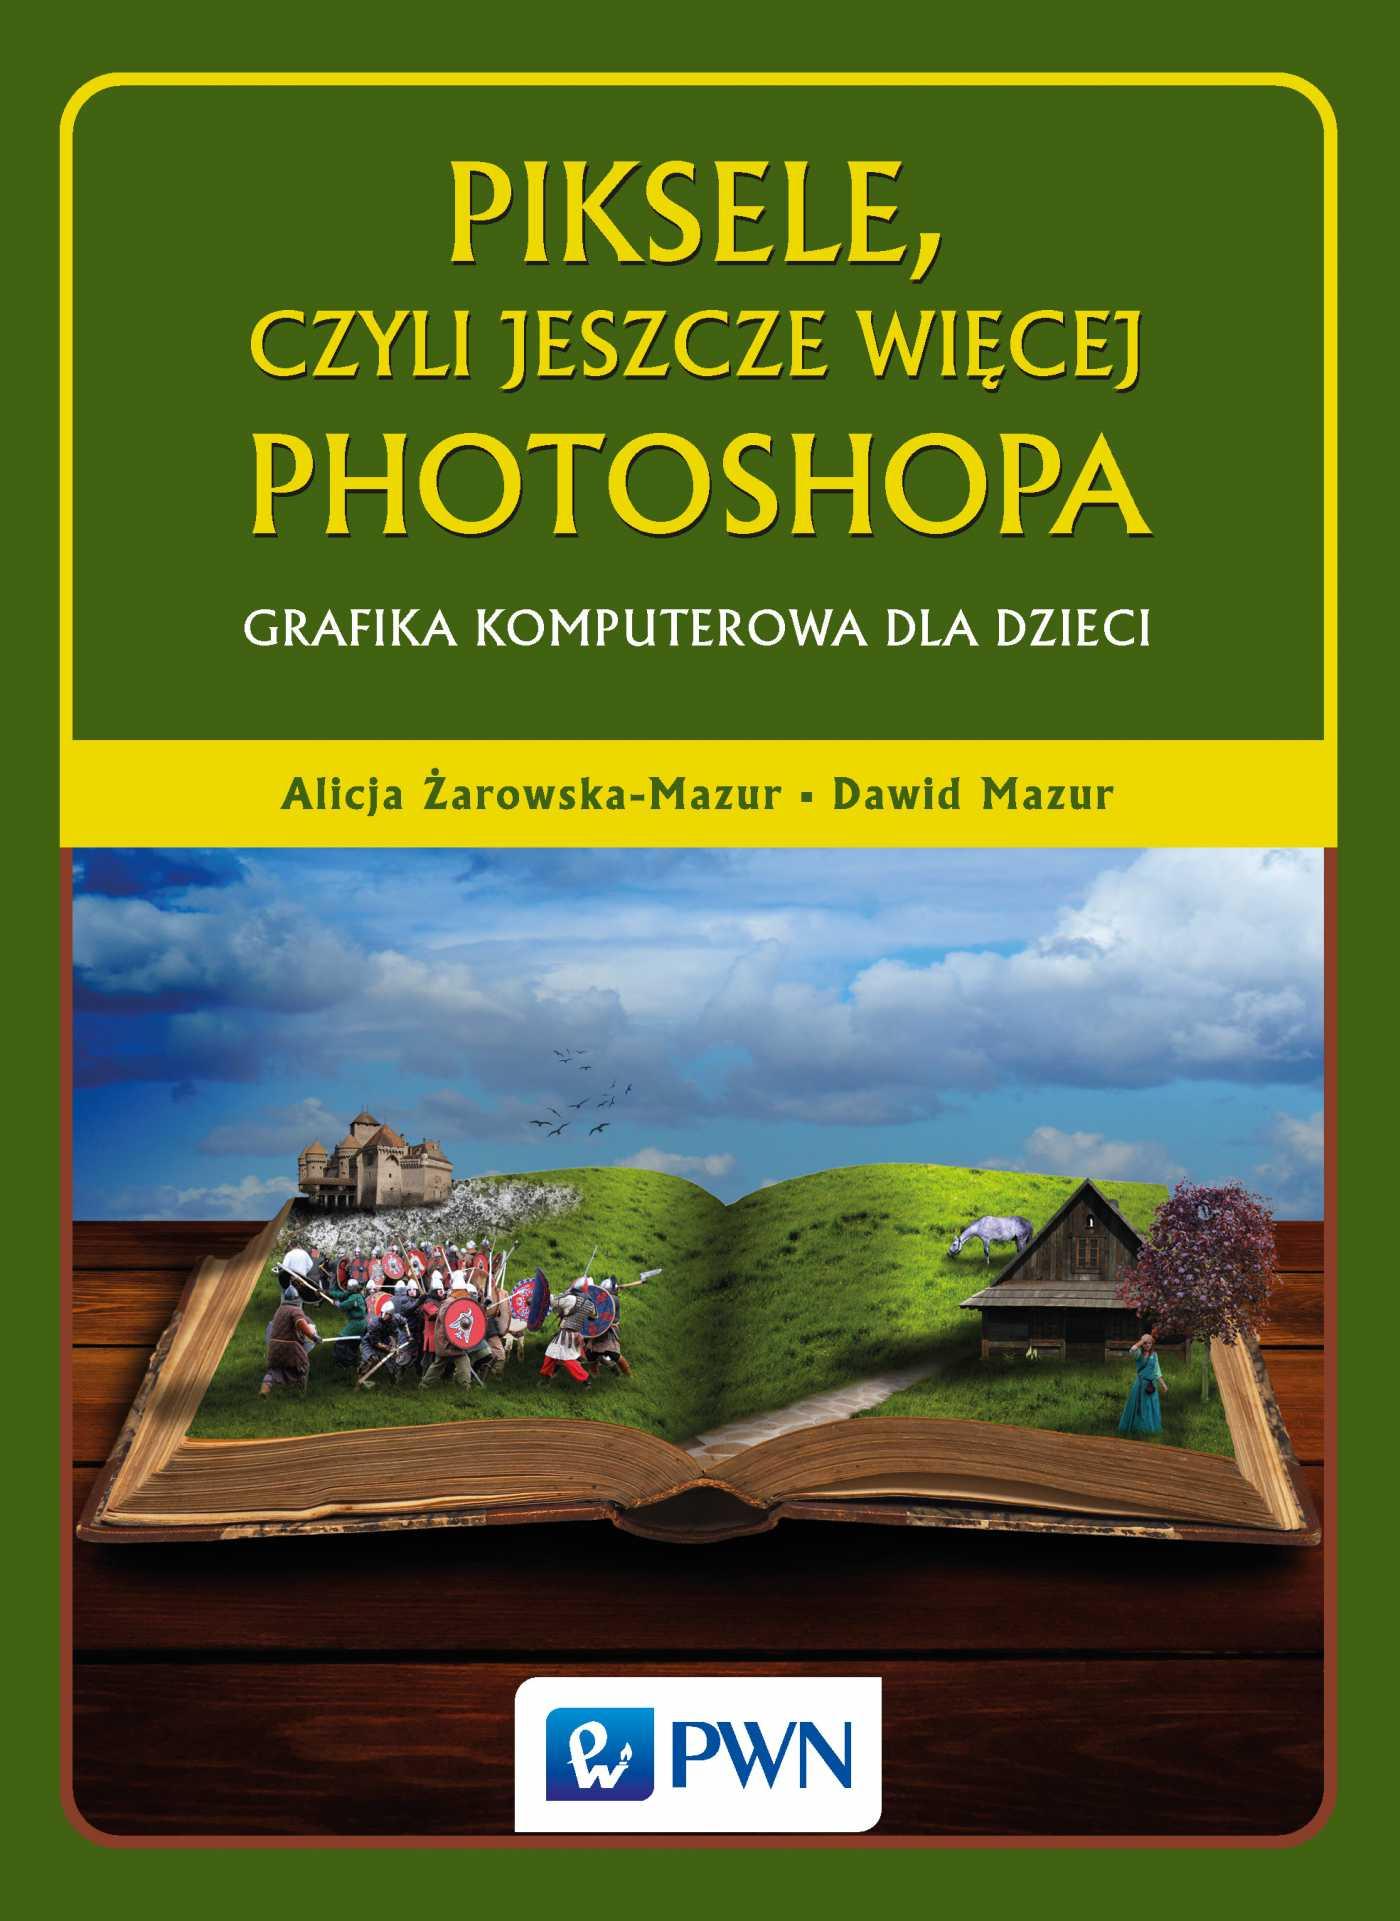 Piksele, czyli jeszcze więcej Photoshopa. Grafika komputerowa dla dzieci - Ebook (Książka EPUB) do pobrania w formacie EPUB